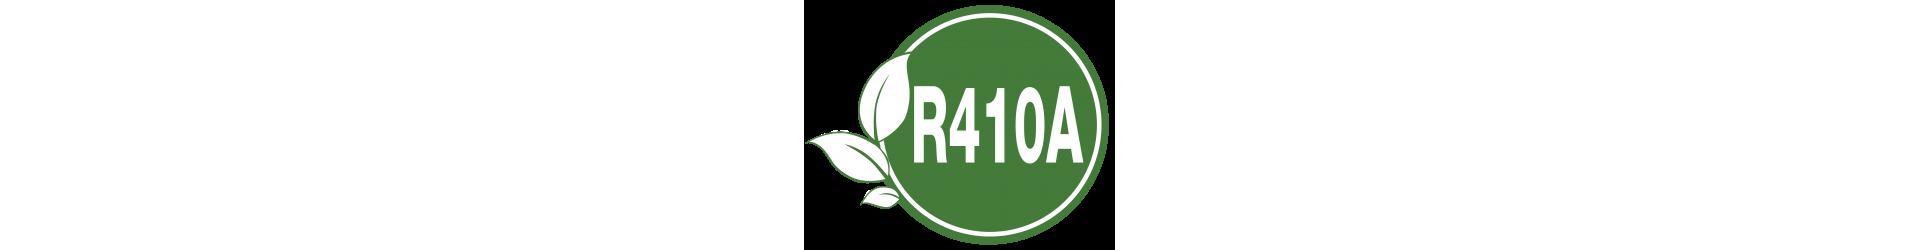 Klimageräte Toshiba R410A